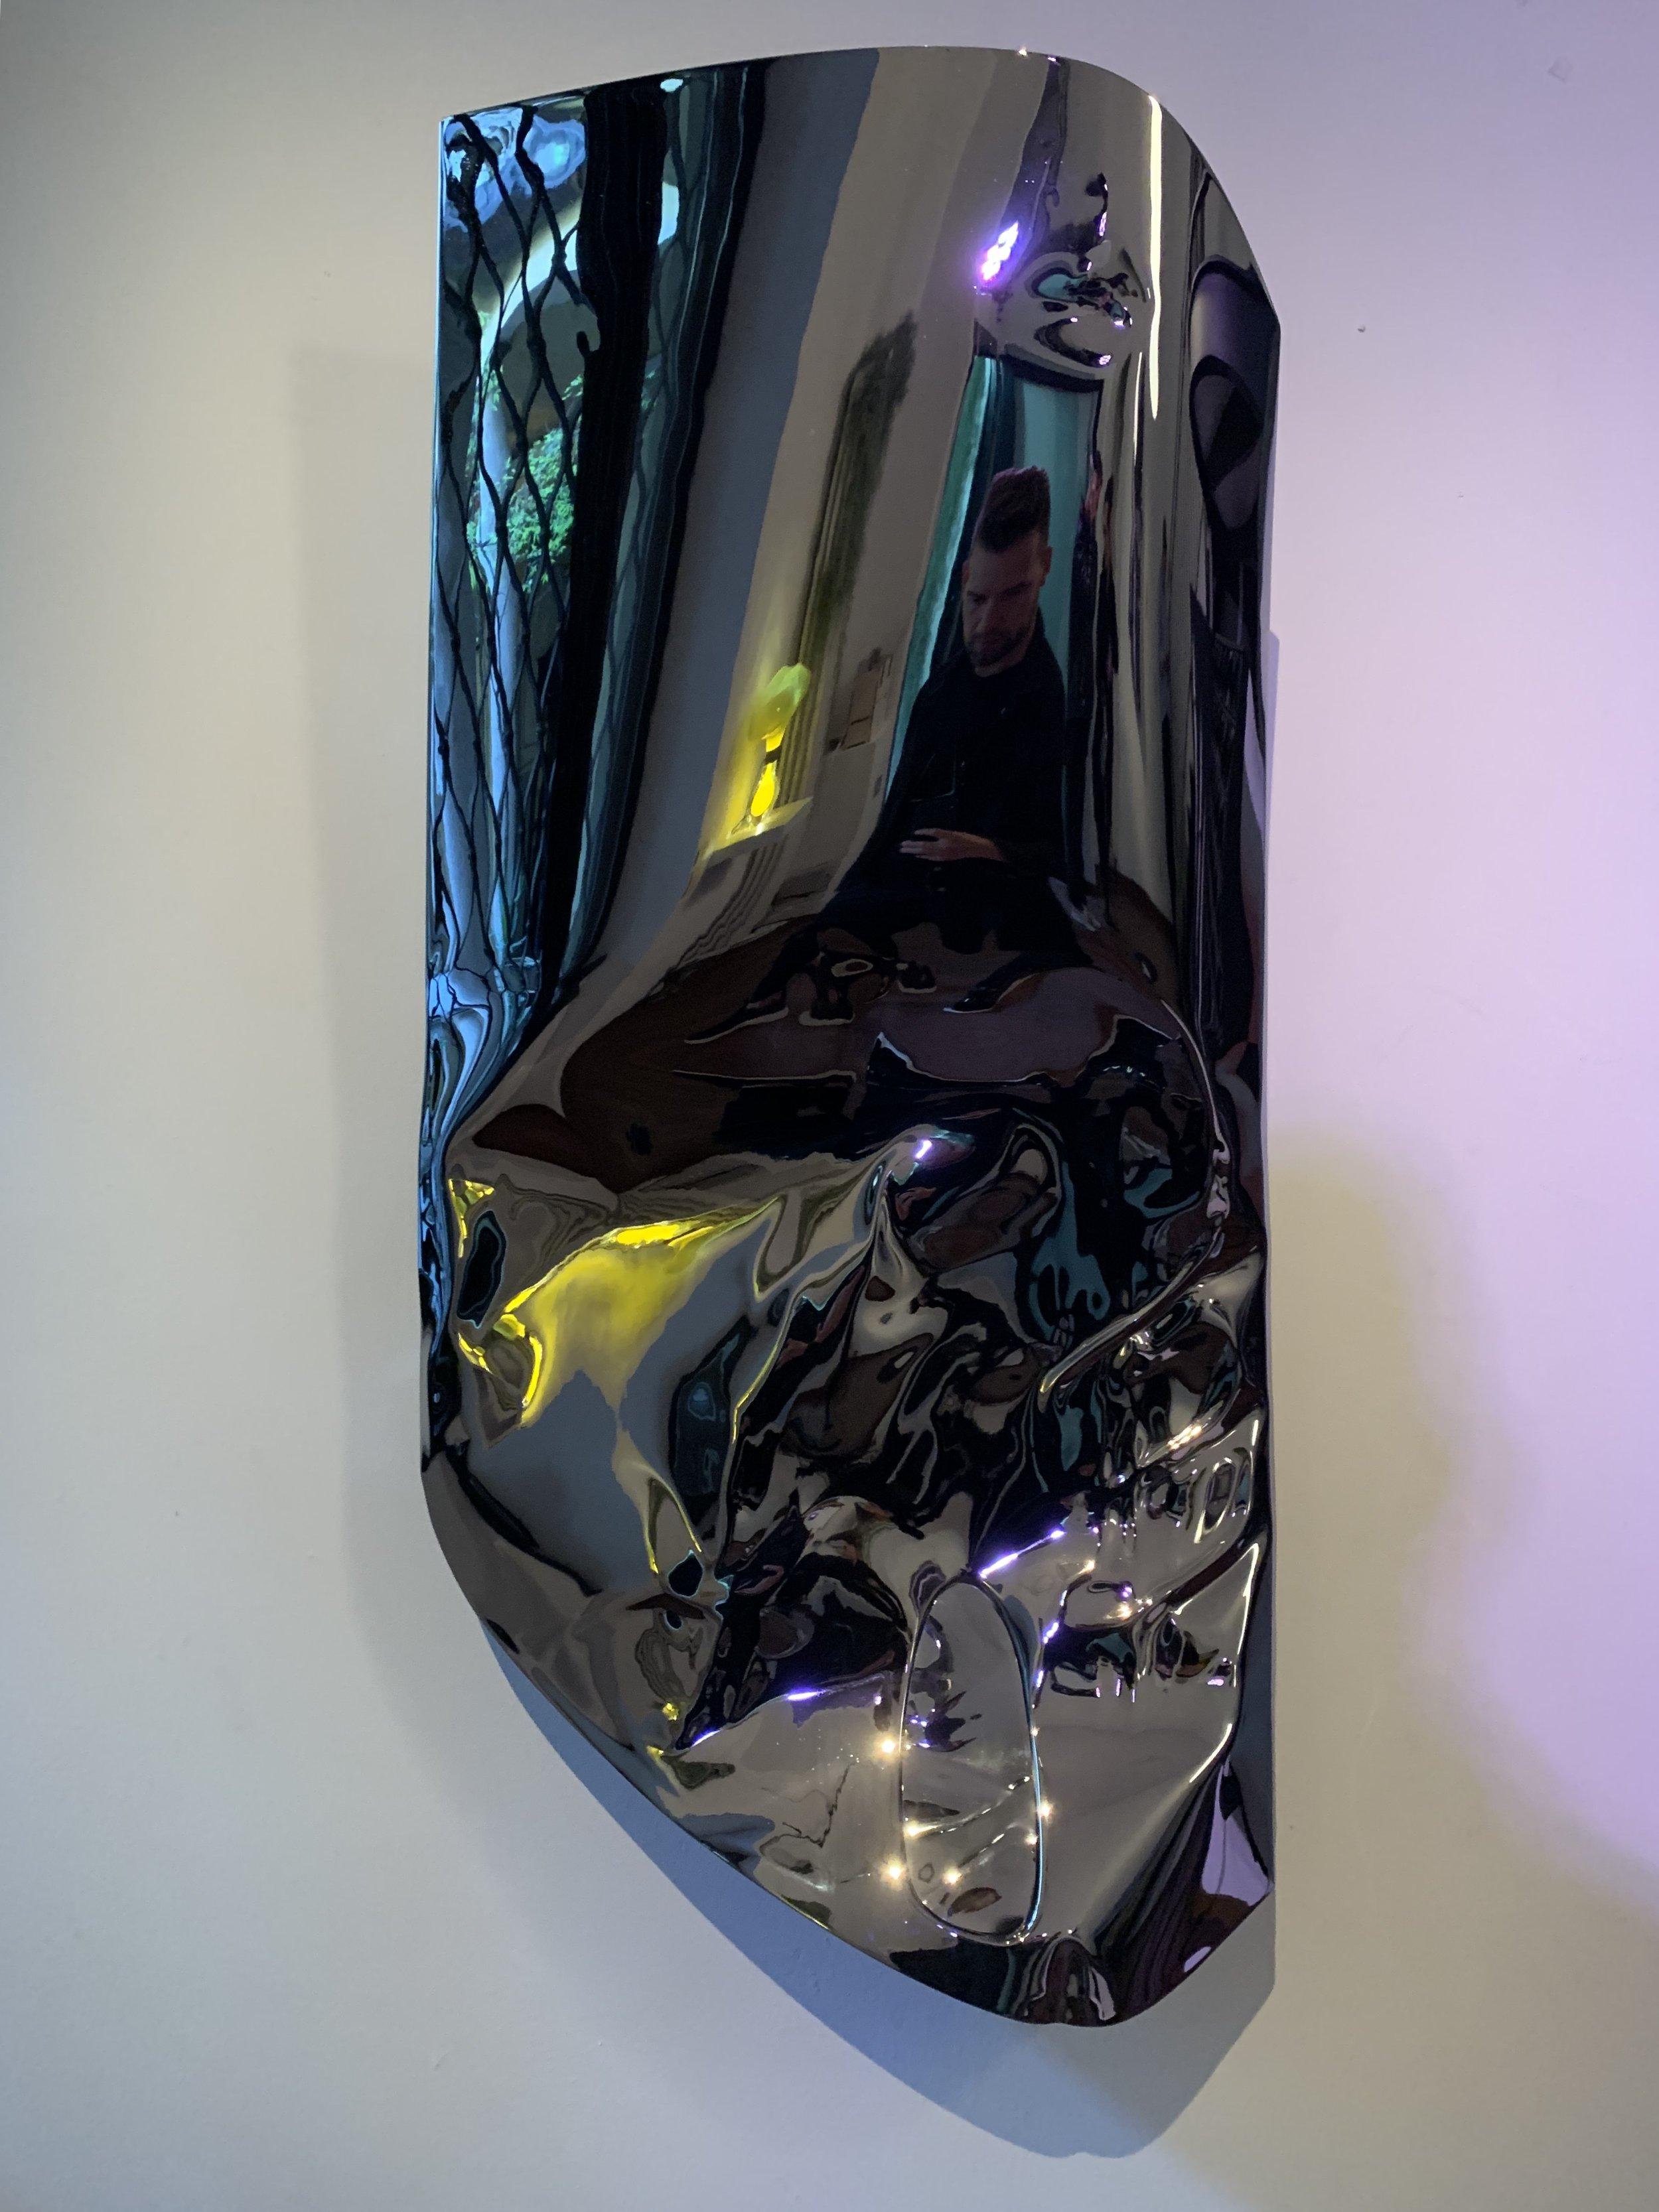 025 Salone del Mobile 2019 Lex de gooijer interiors rotterdam.jpg